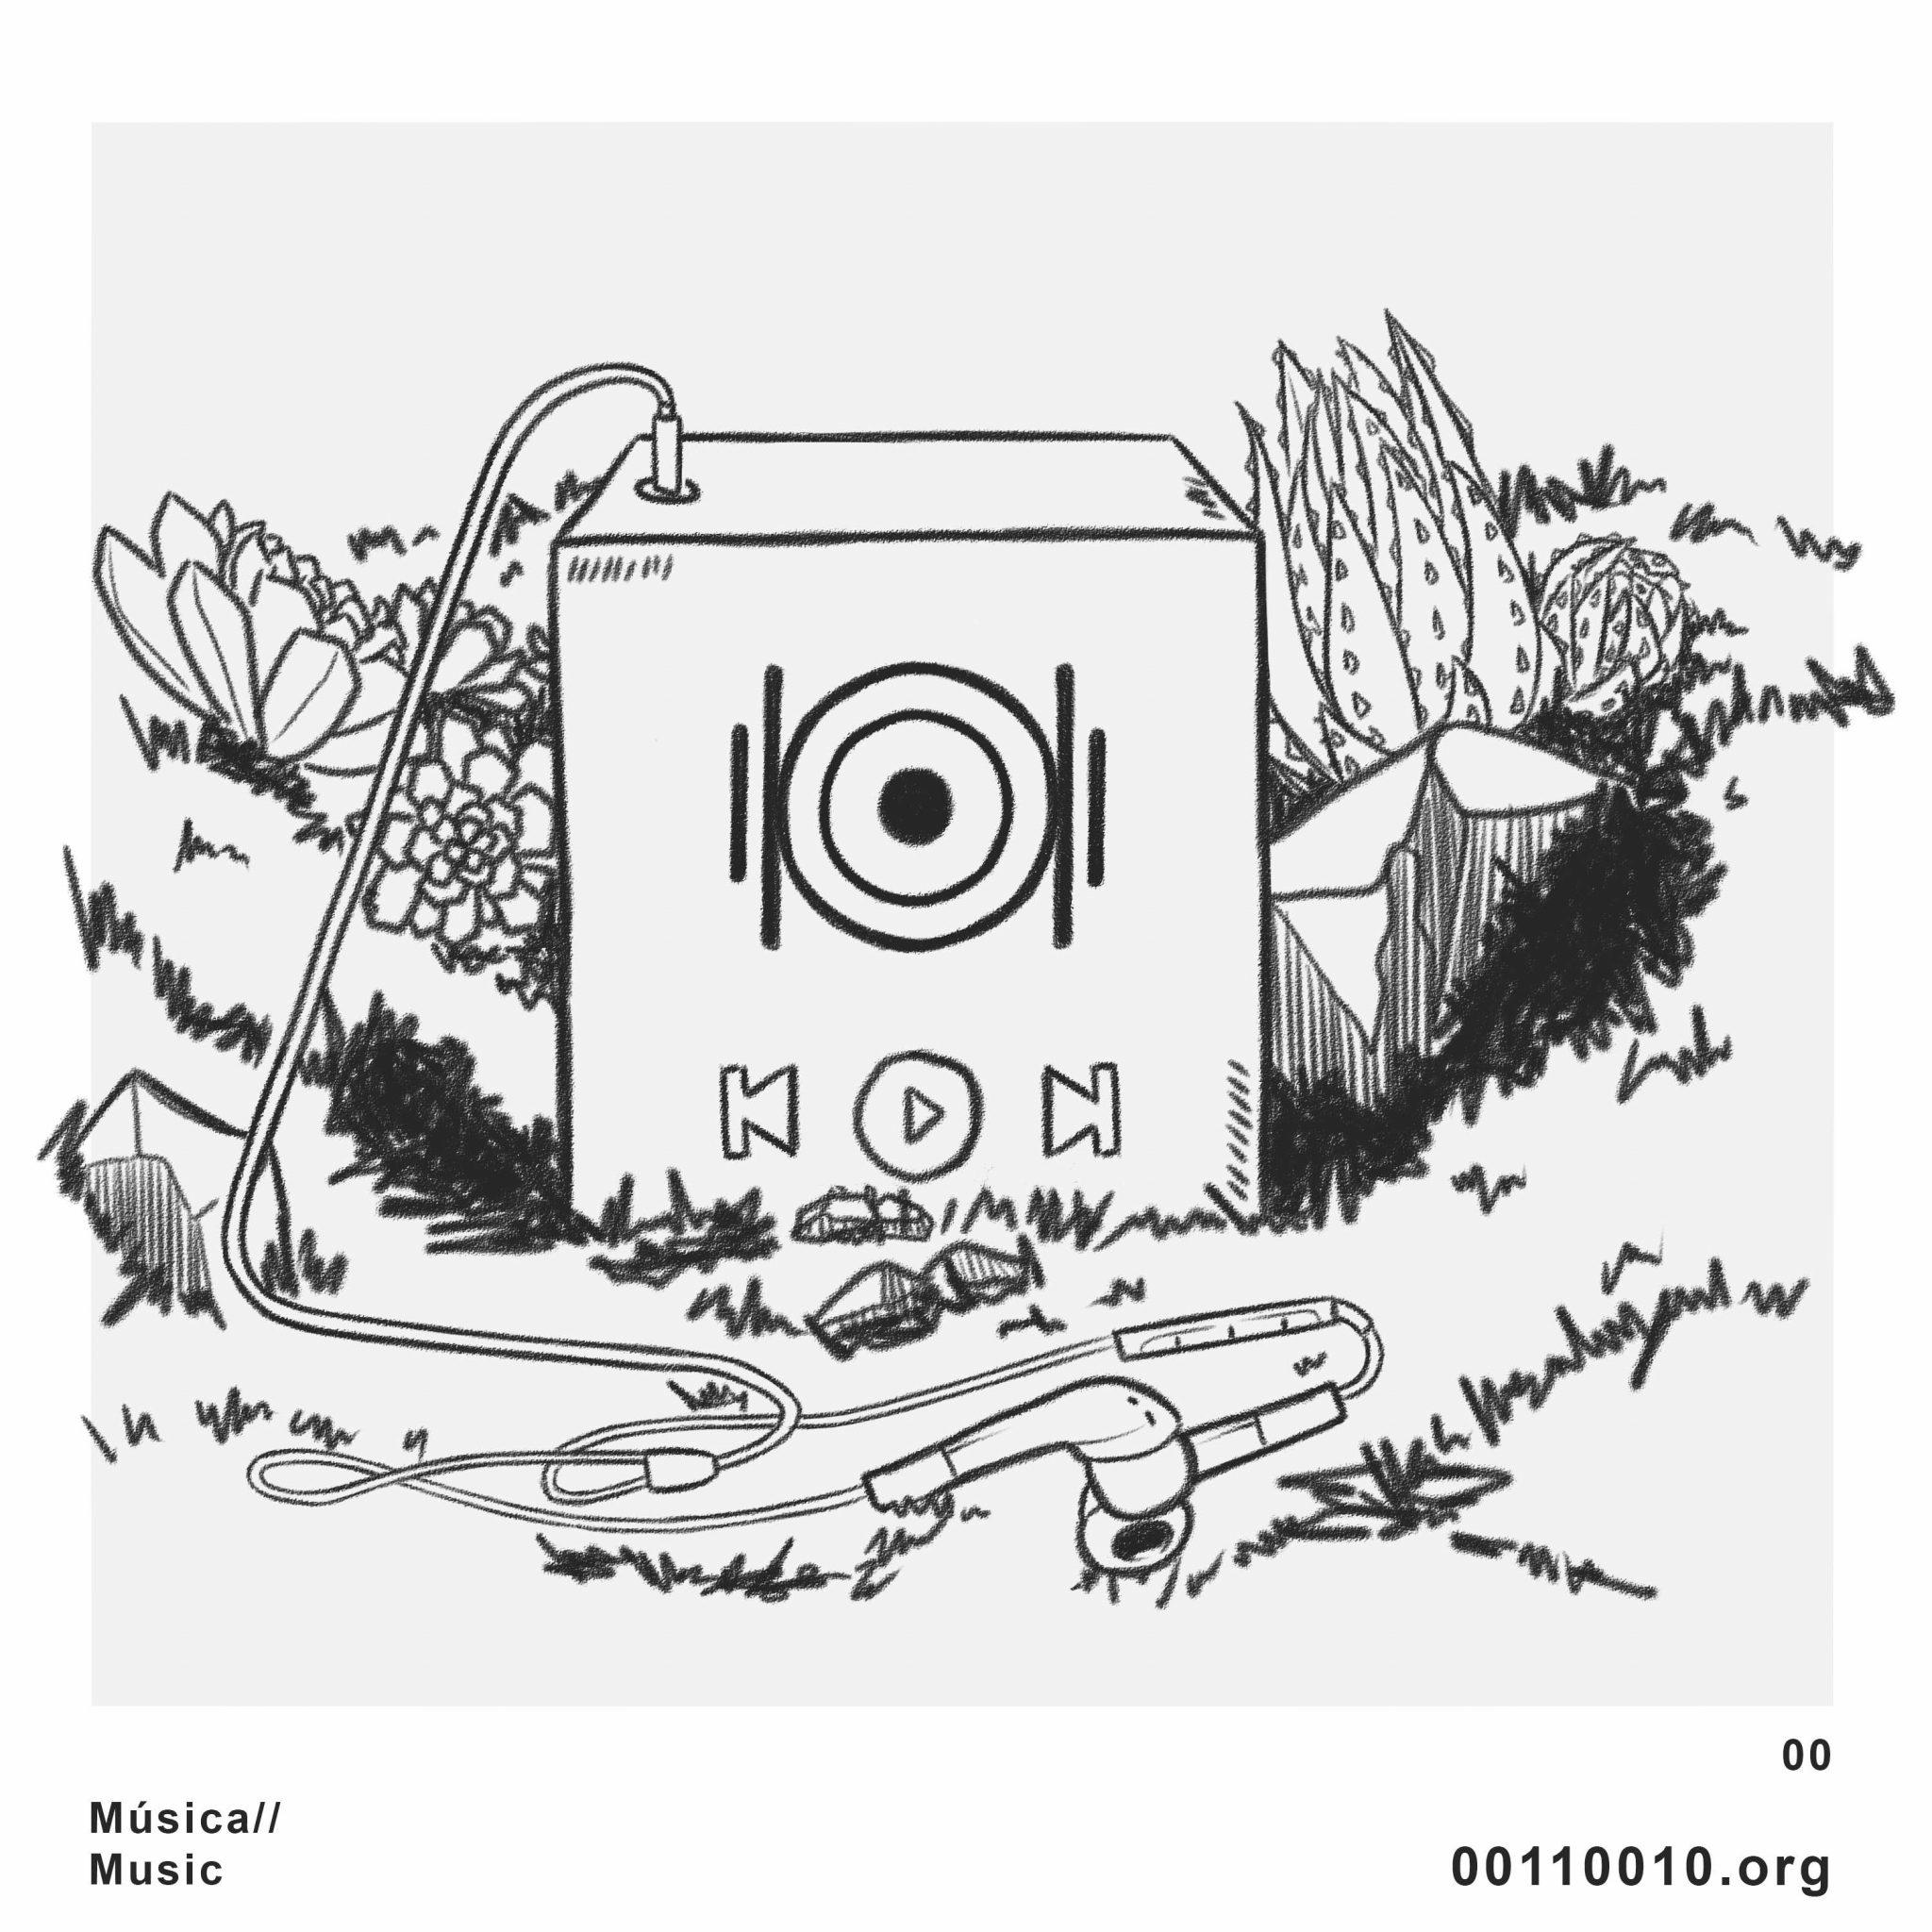 Siete ilustraciones que representan las siete disciplinas artistas con las que se puede participar en la plataforma. DA